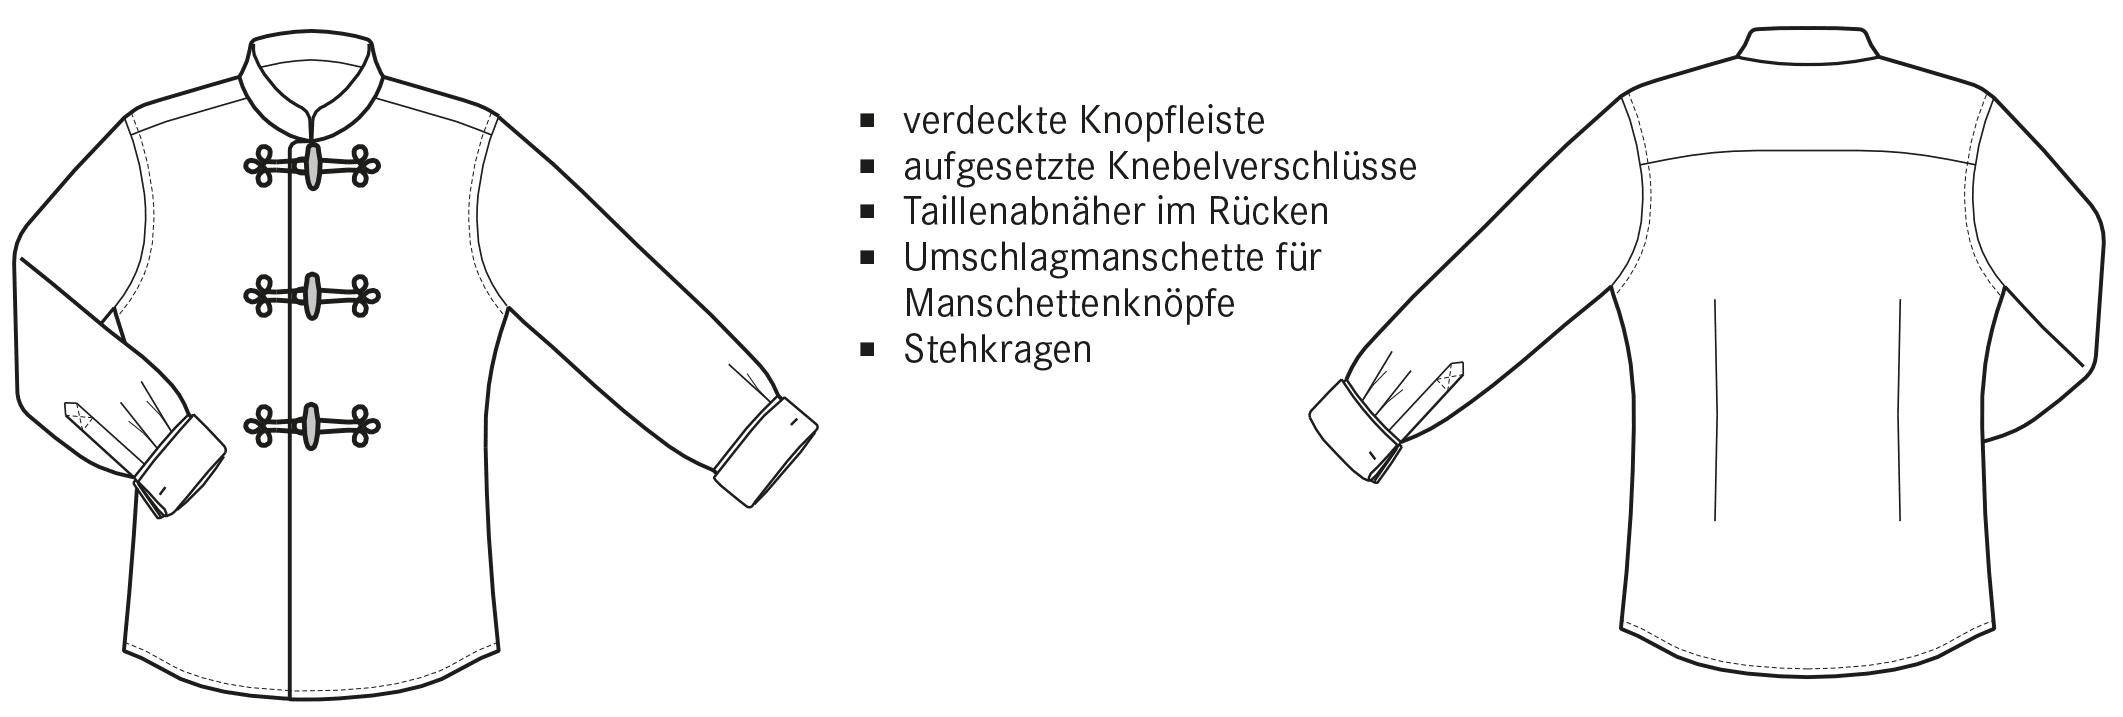 Die technische Zeichnung von einem Hemd mit Knebelverschluss ist abgebildet.